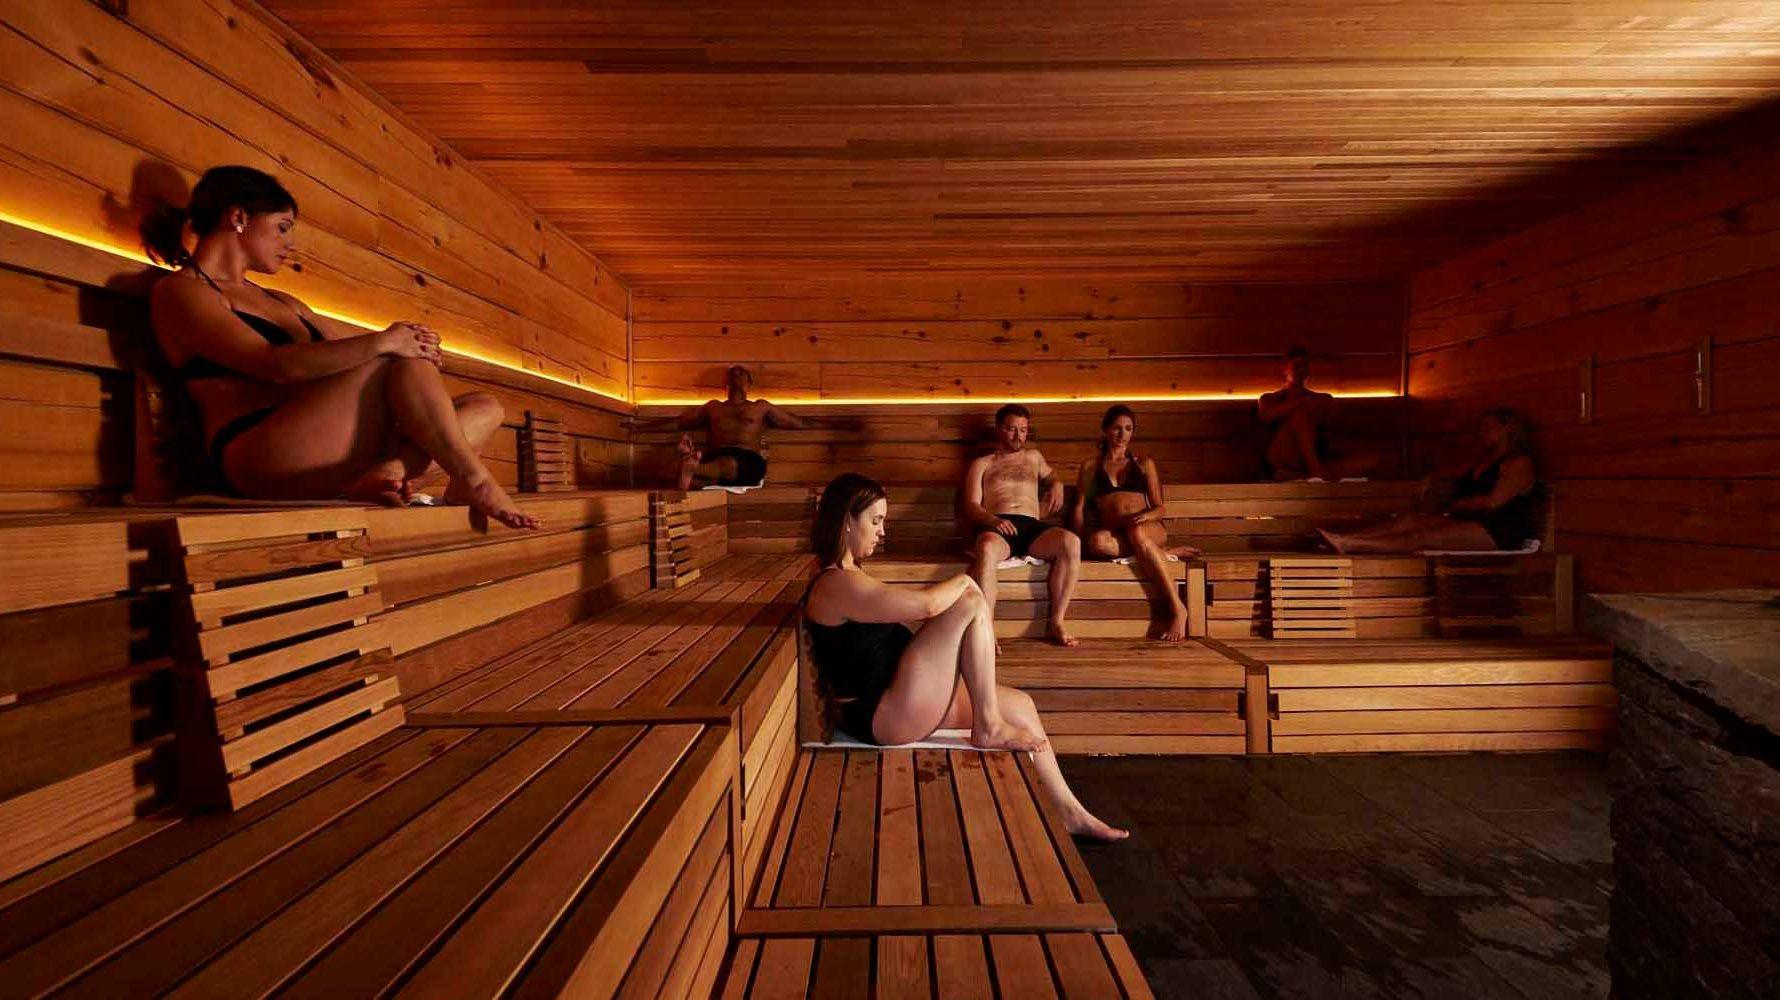 Sauna – Beneficios y contraindicaciones ¿Es bueno ir después de entrenar?